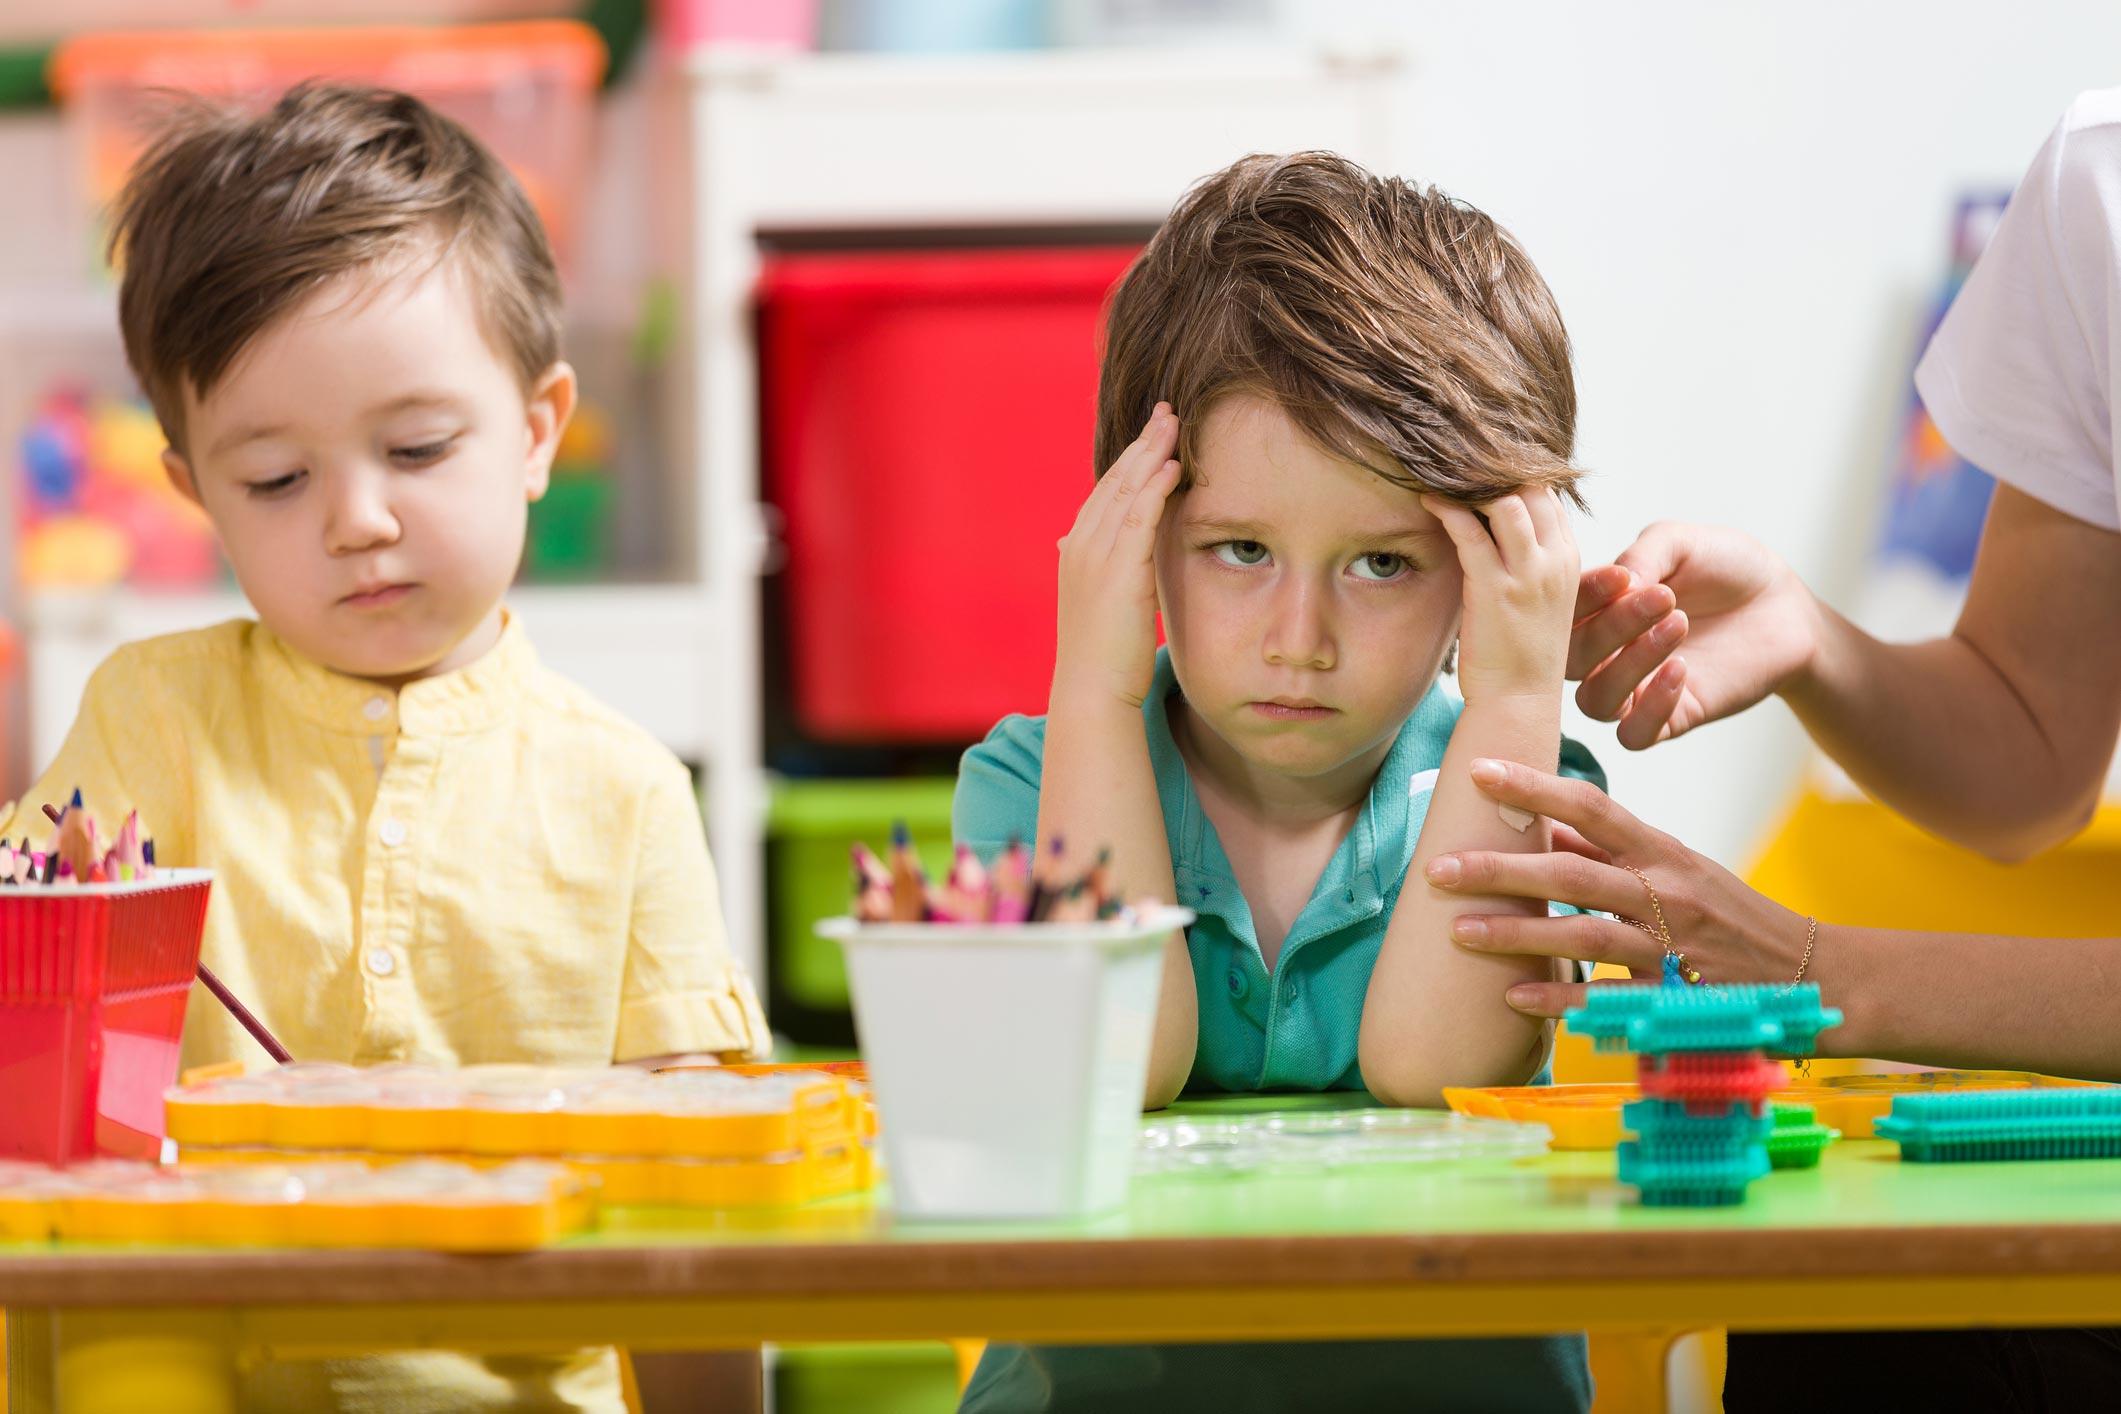 Nuestros niños y niñas pueden desmotivarse por variadas razones. Es importante mantener una comunicación fluida tanto con ellos como con sus familias.